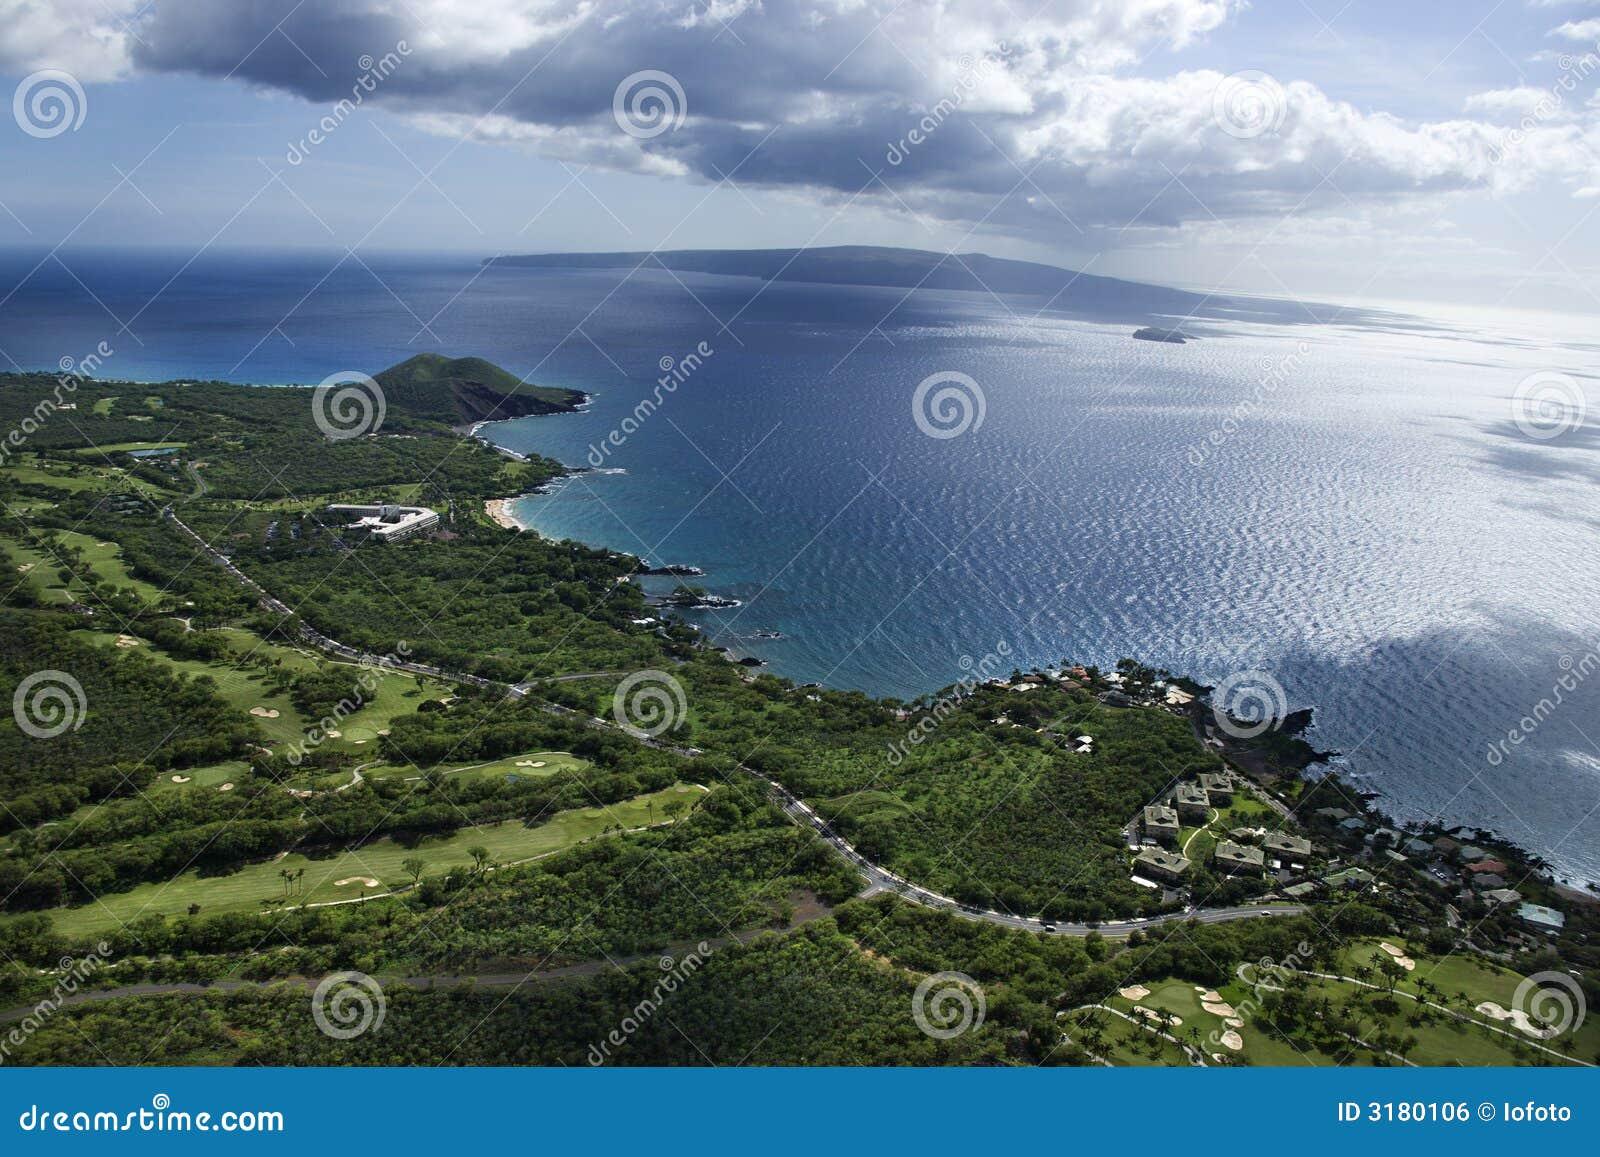 Antena do litoral de Maui.